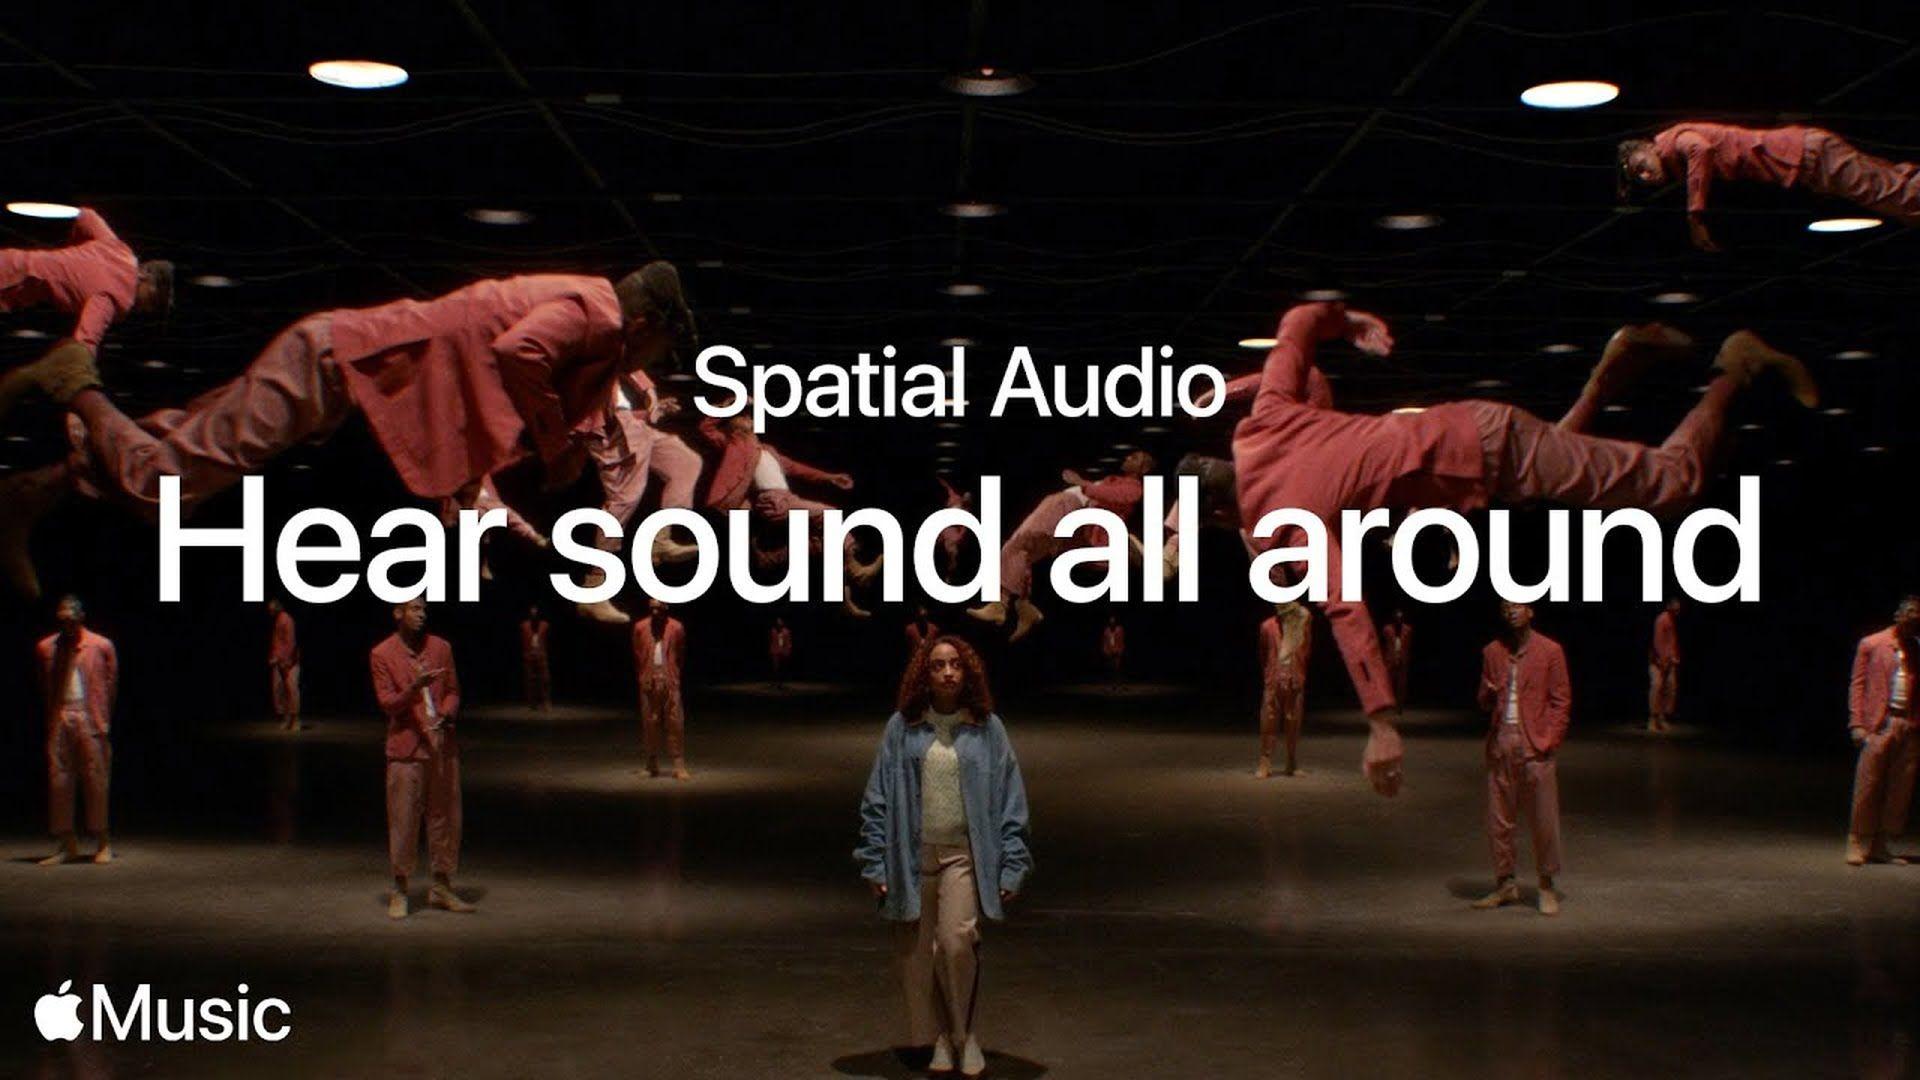 Reklama promująca dźwięk przestrzenny w serwisie Apple Music